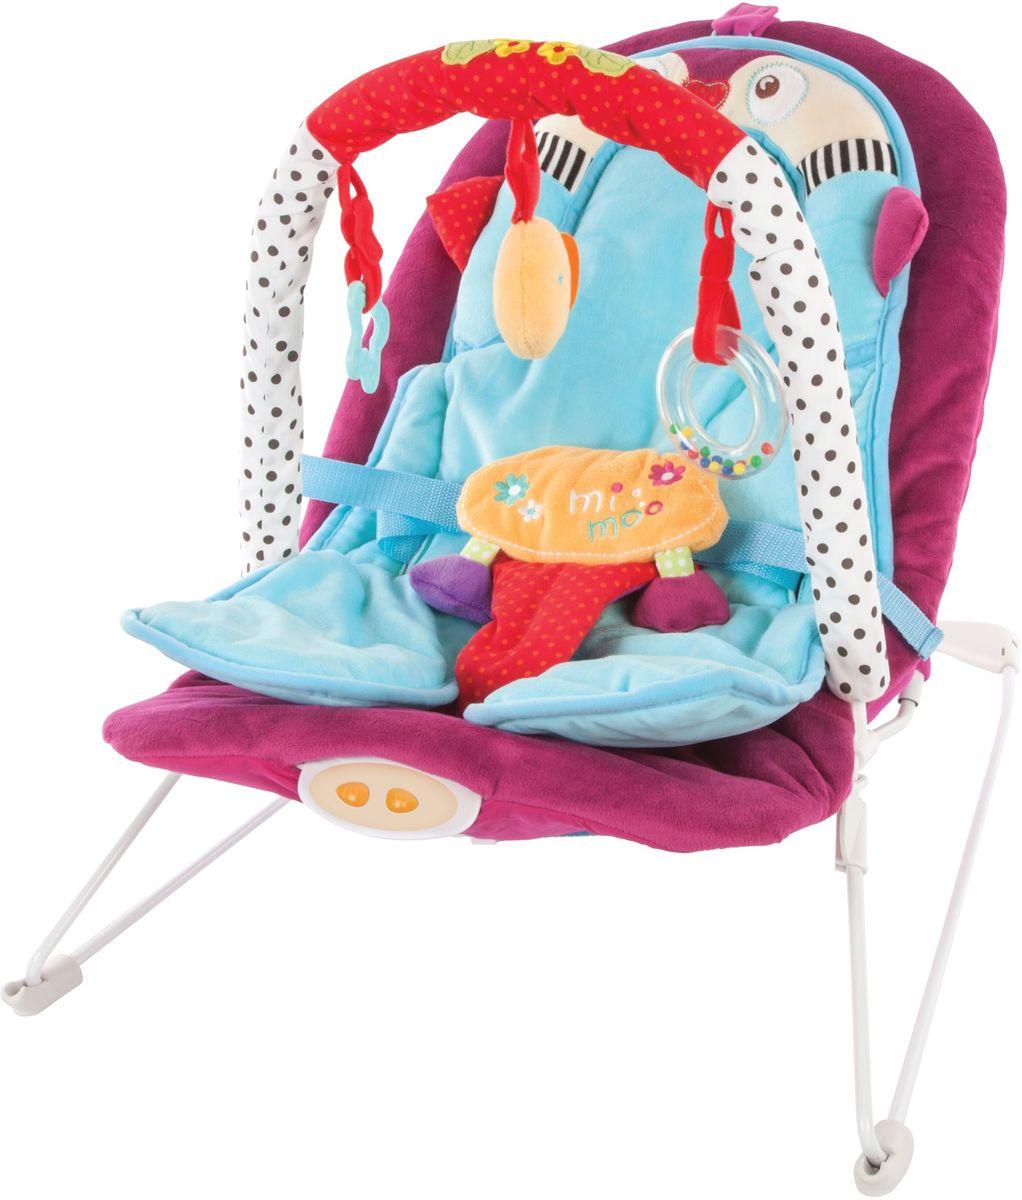 Жирафики Кресло-качалка Пингвиненок -  Ходунки, прыгунки, качалки